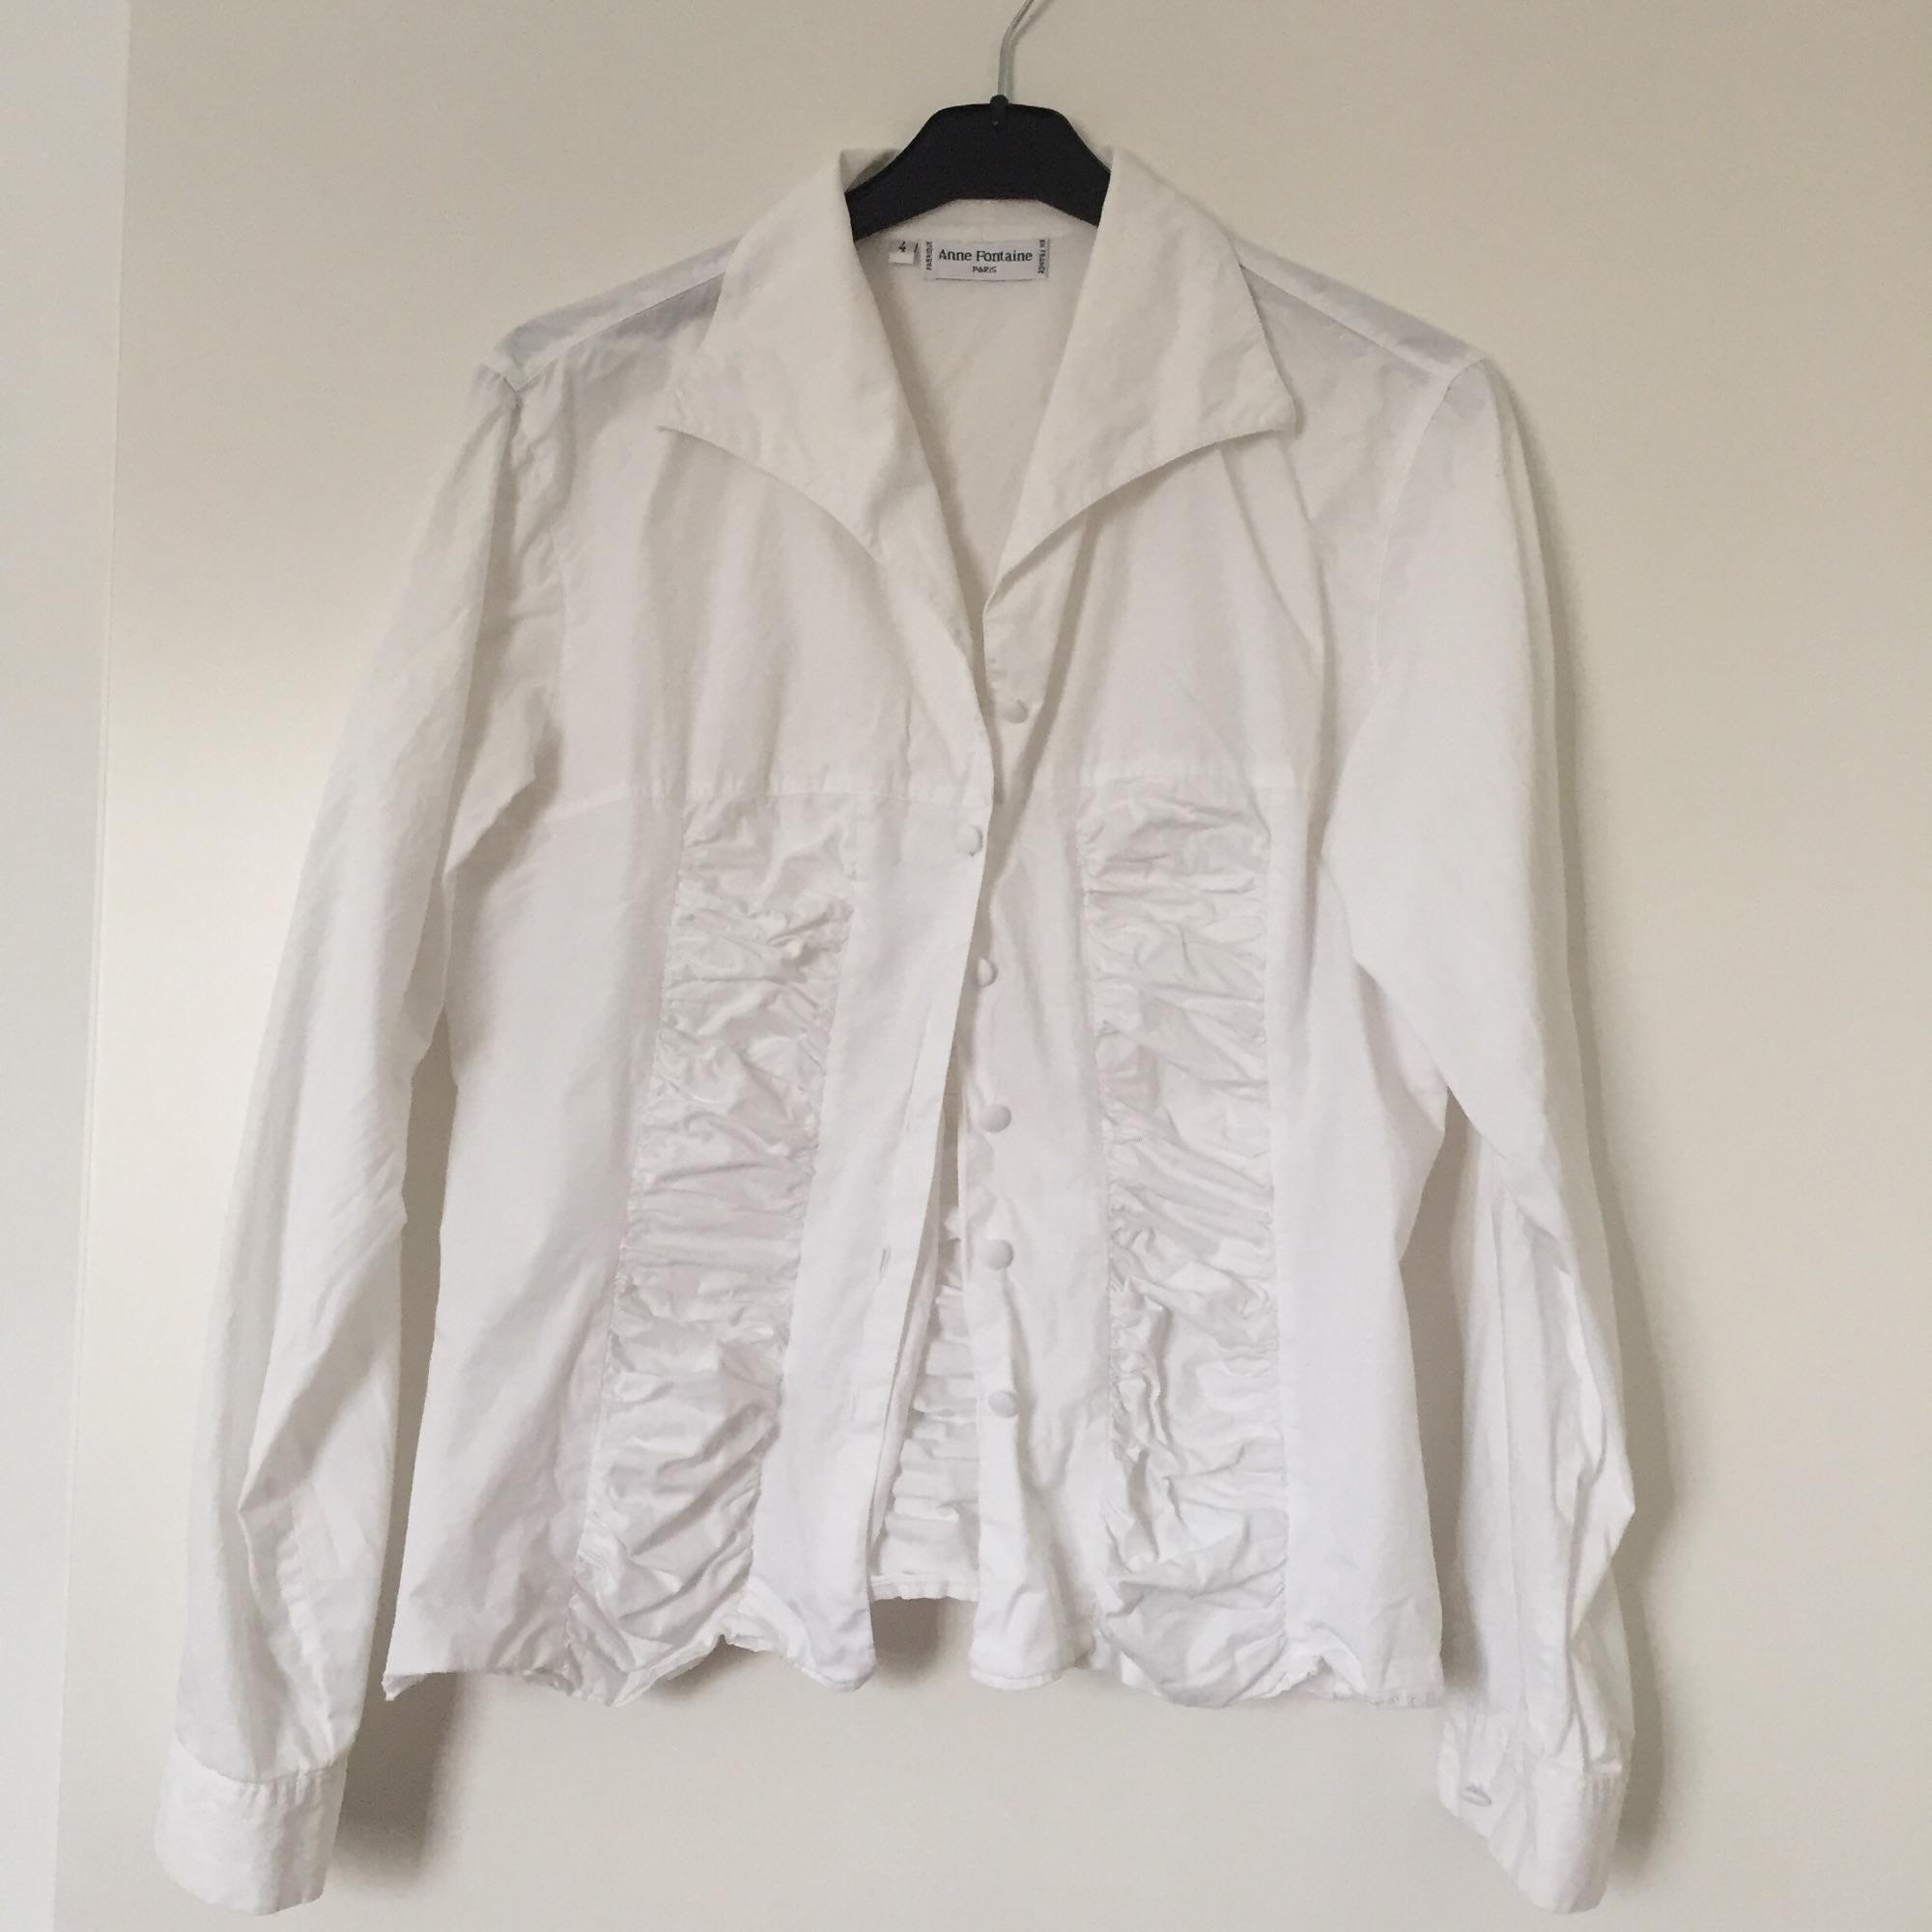 Chemisier ANNE FONTAINE Blanc, blanc cassé, écru